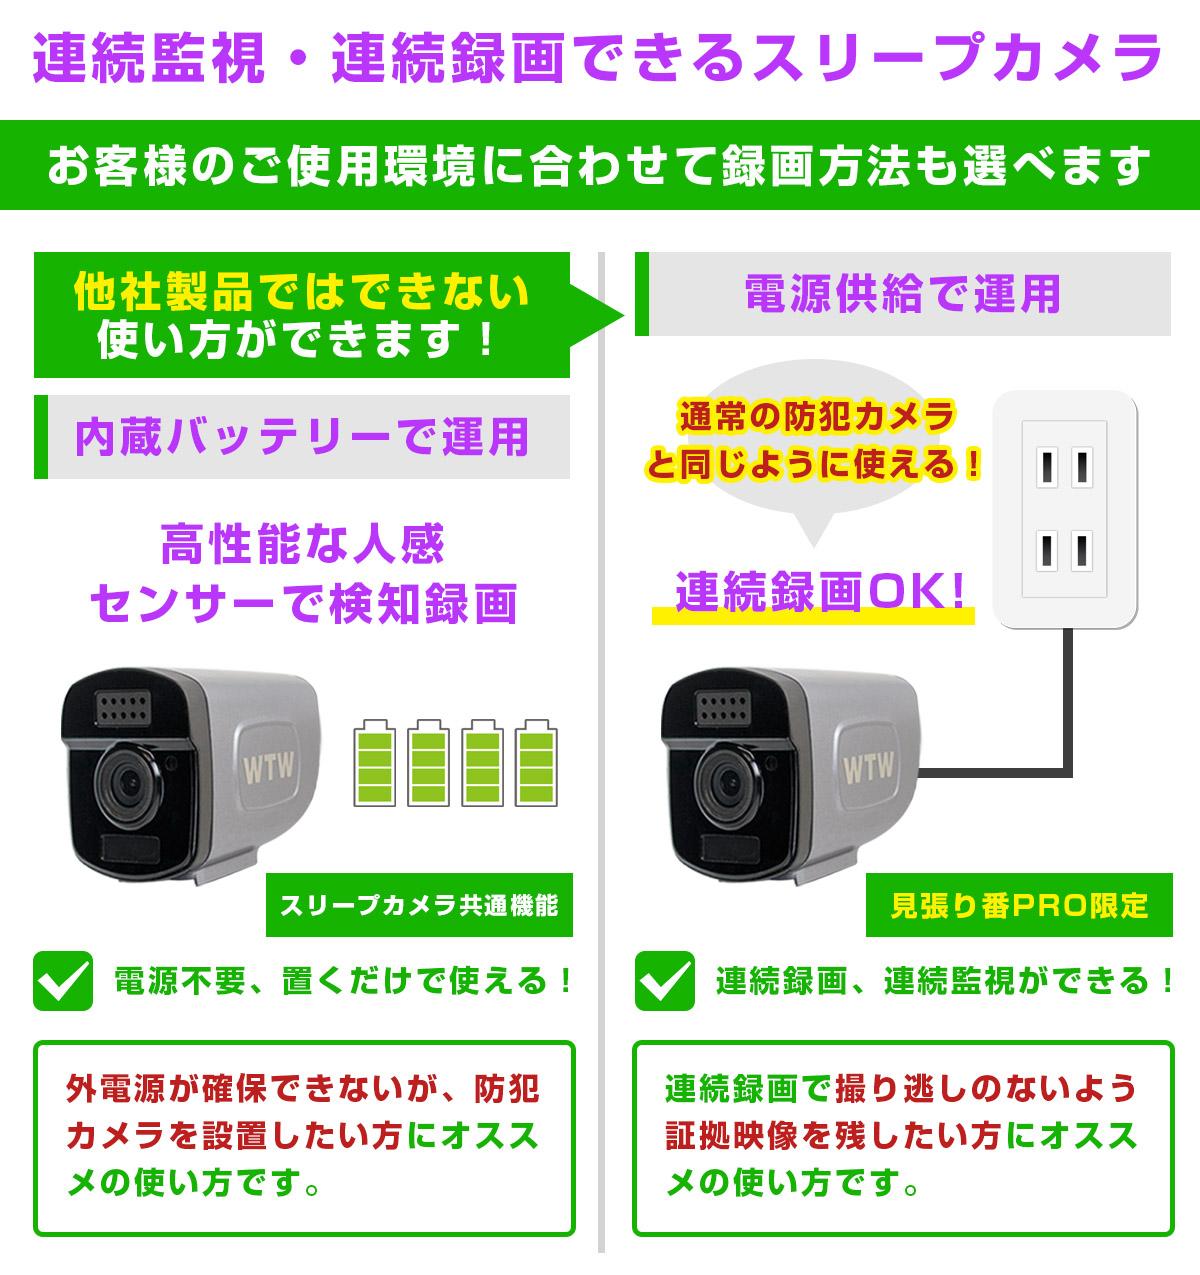 屋外 WiFi ワイヤレス 家庭用 防犯カメラ 連続録画 電源不要「見張り番PRO」